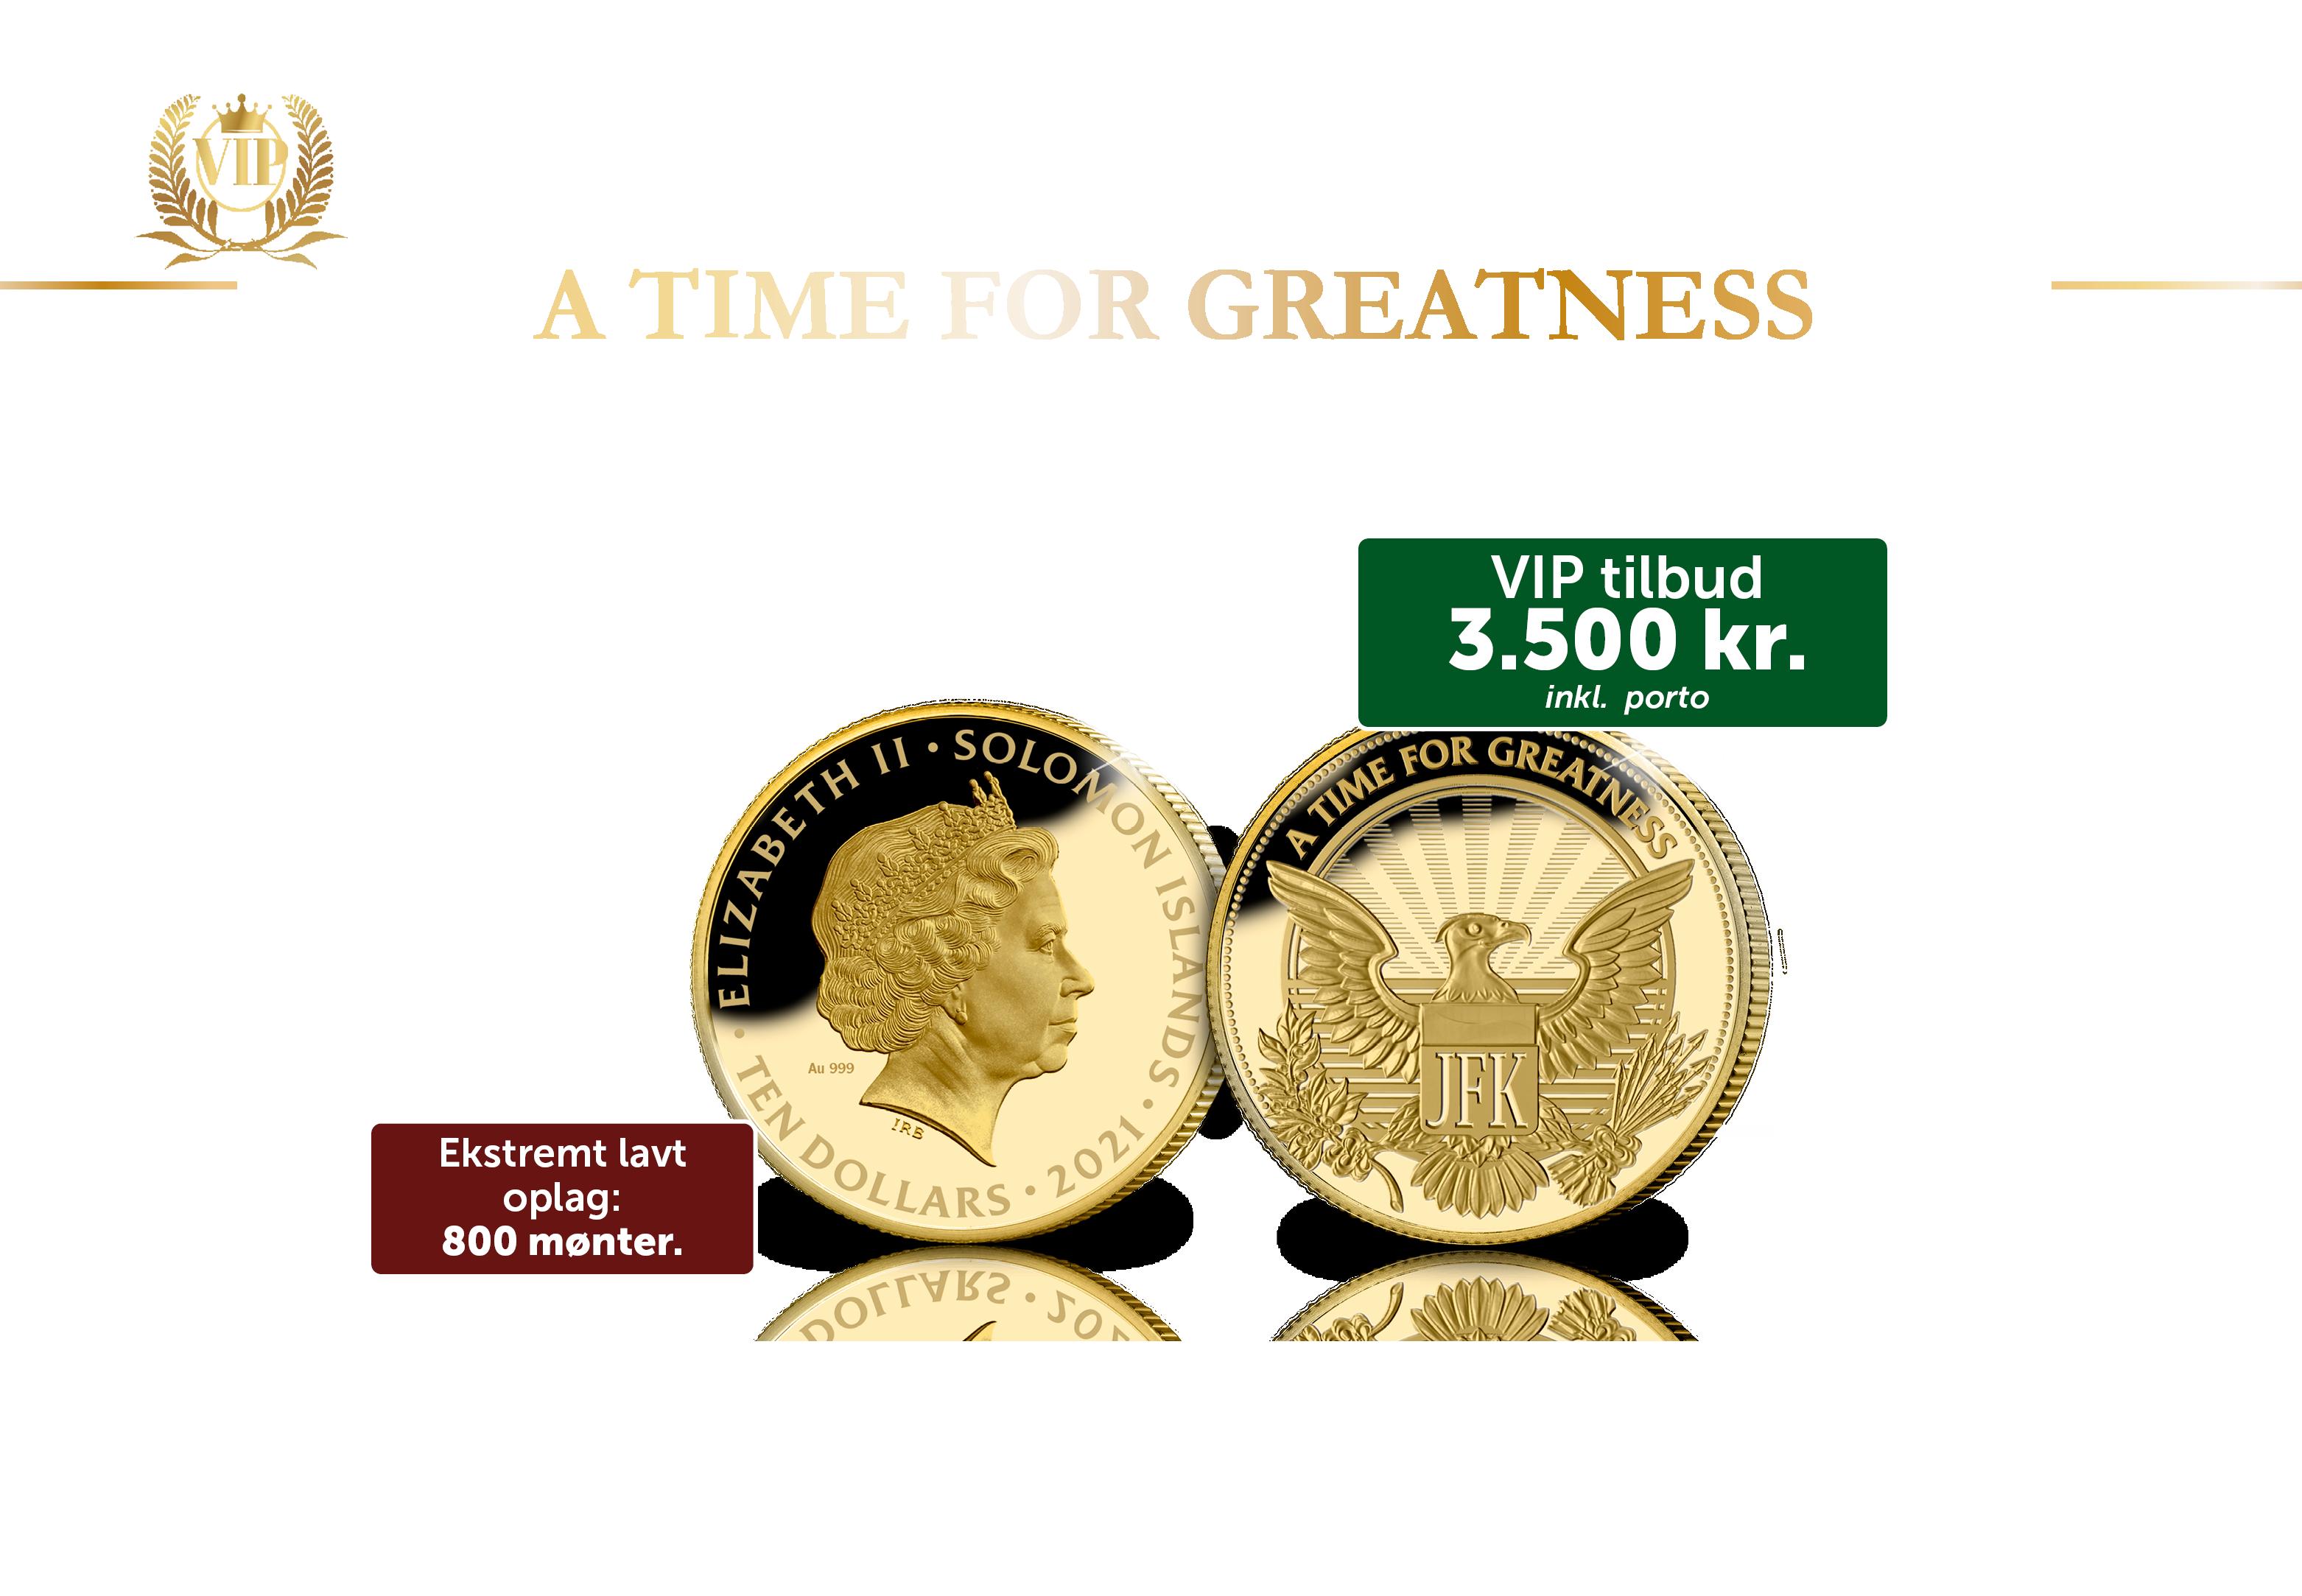 John F. Kennedy – Manden bag monogrammet 1/10 oz guldmønt